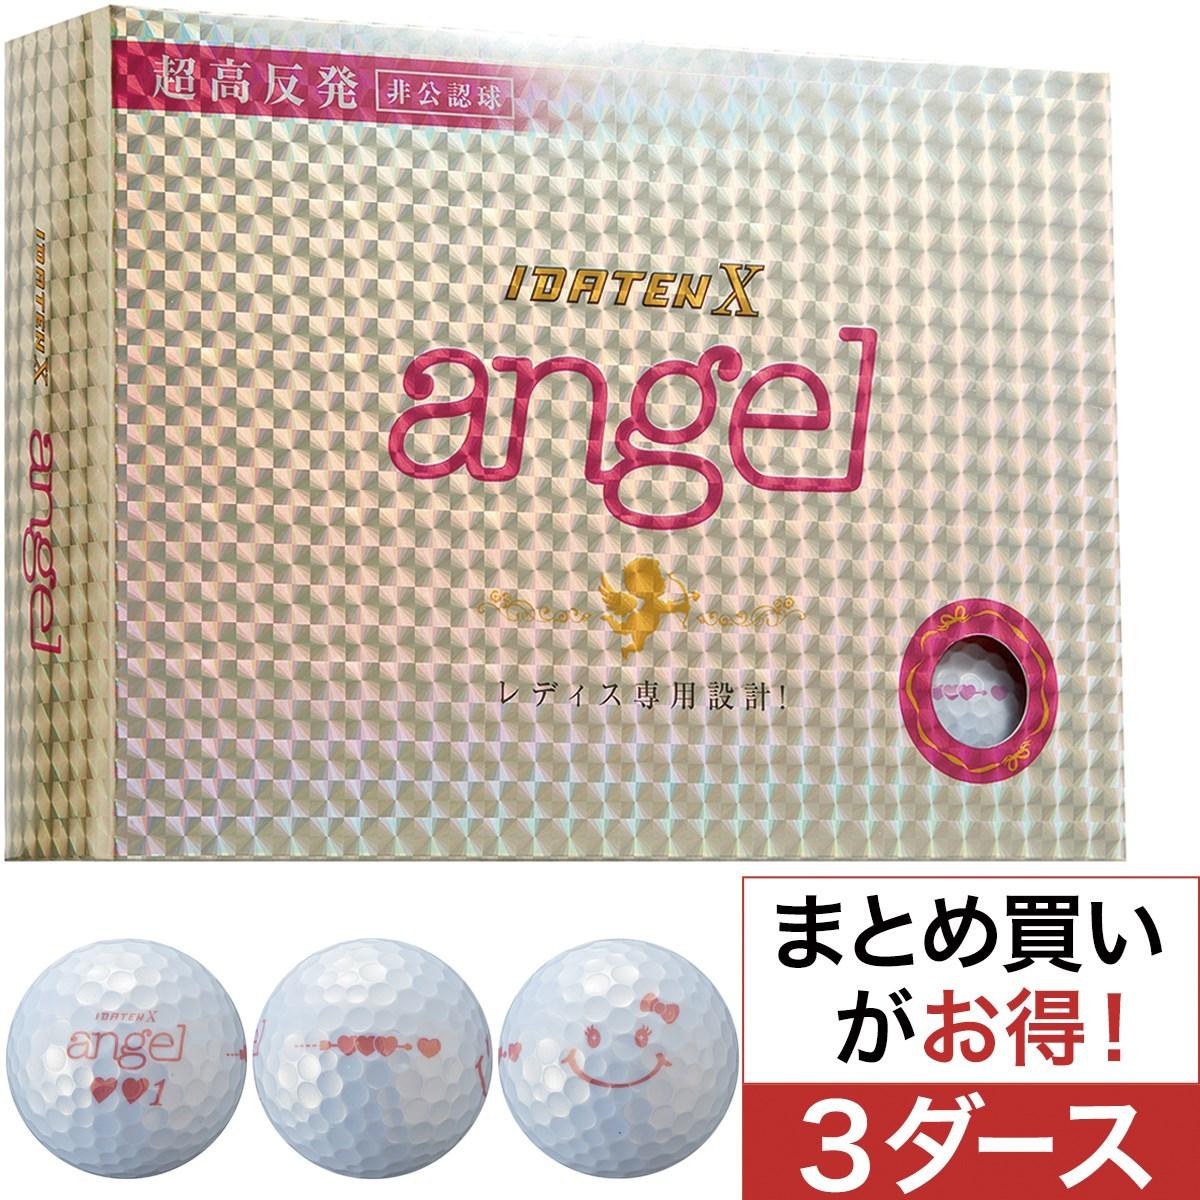 韋駄天 X angel ボール 3ダースセット【非公認球】レディス